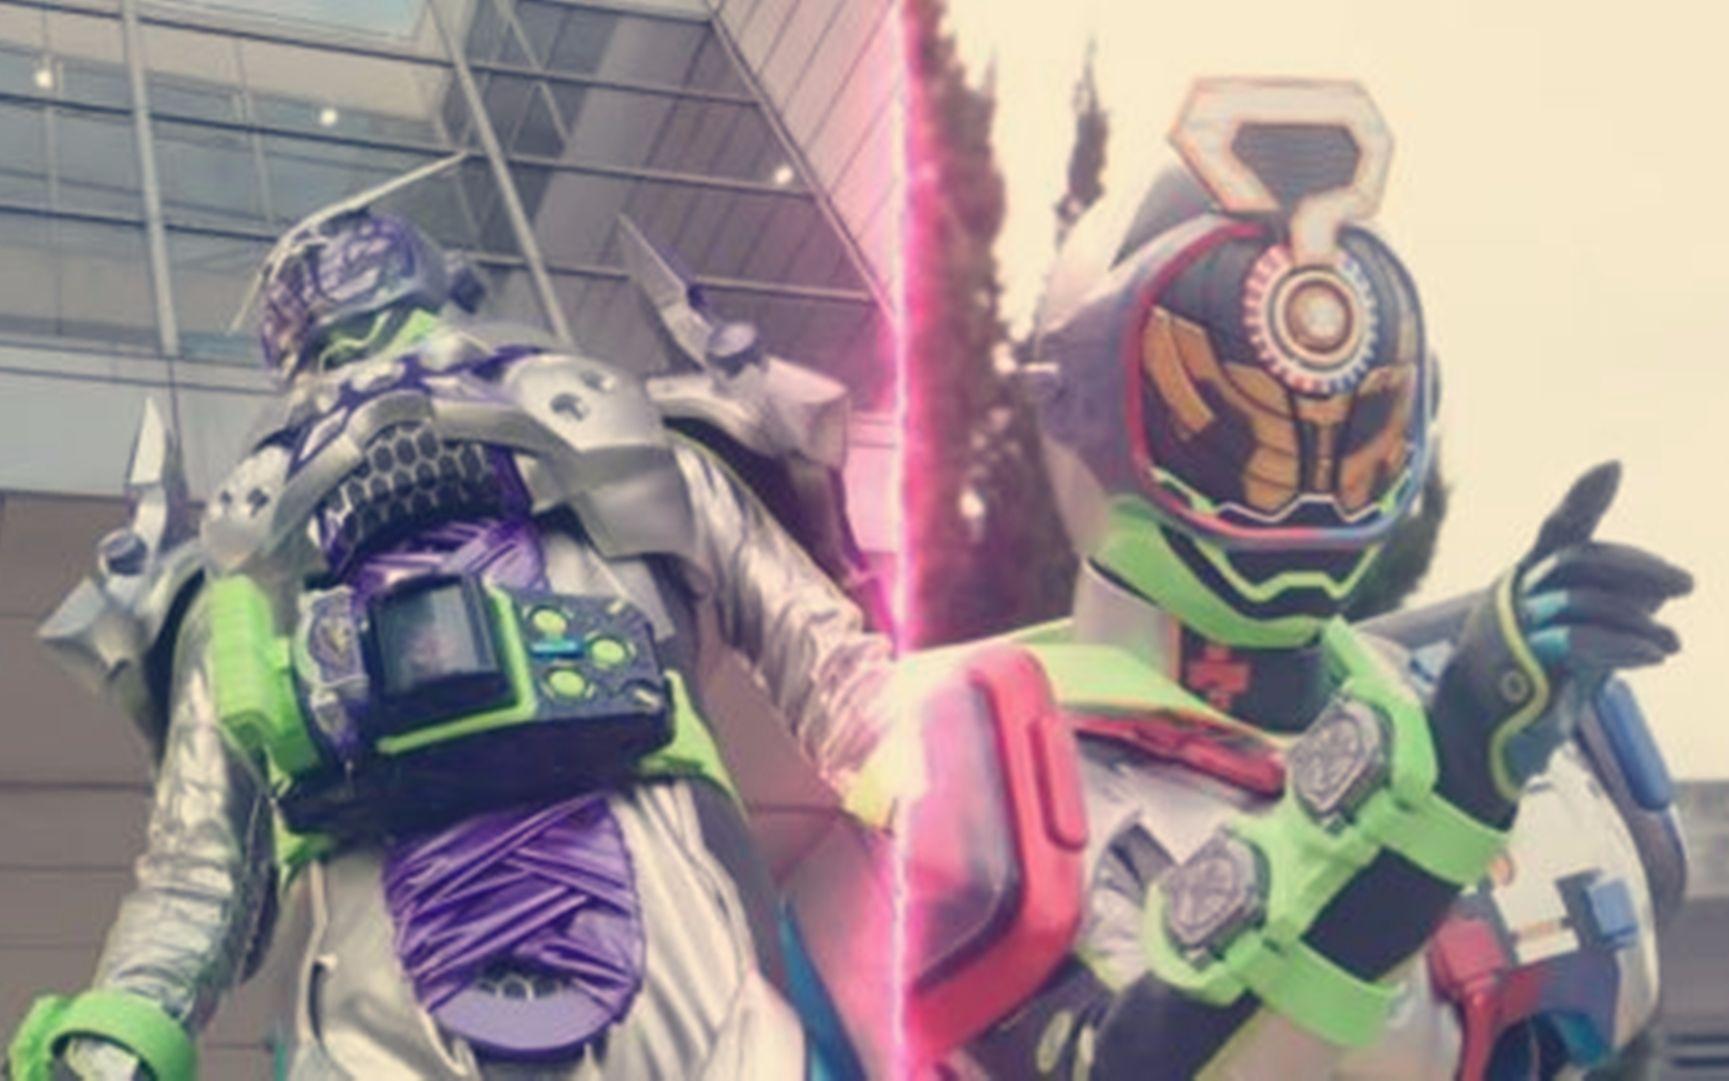 假面骑士zi-o第18话,woz抢表—Shinobi装甲变身